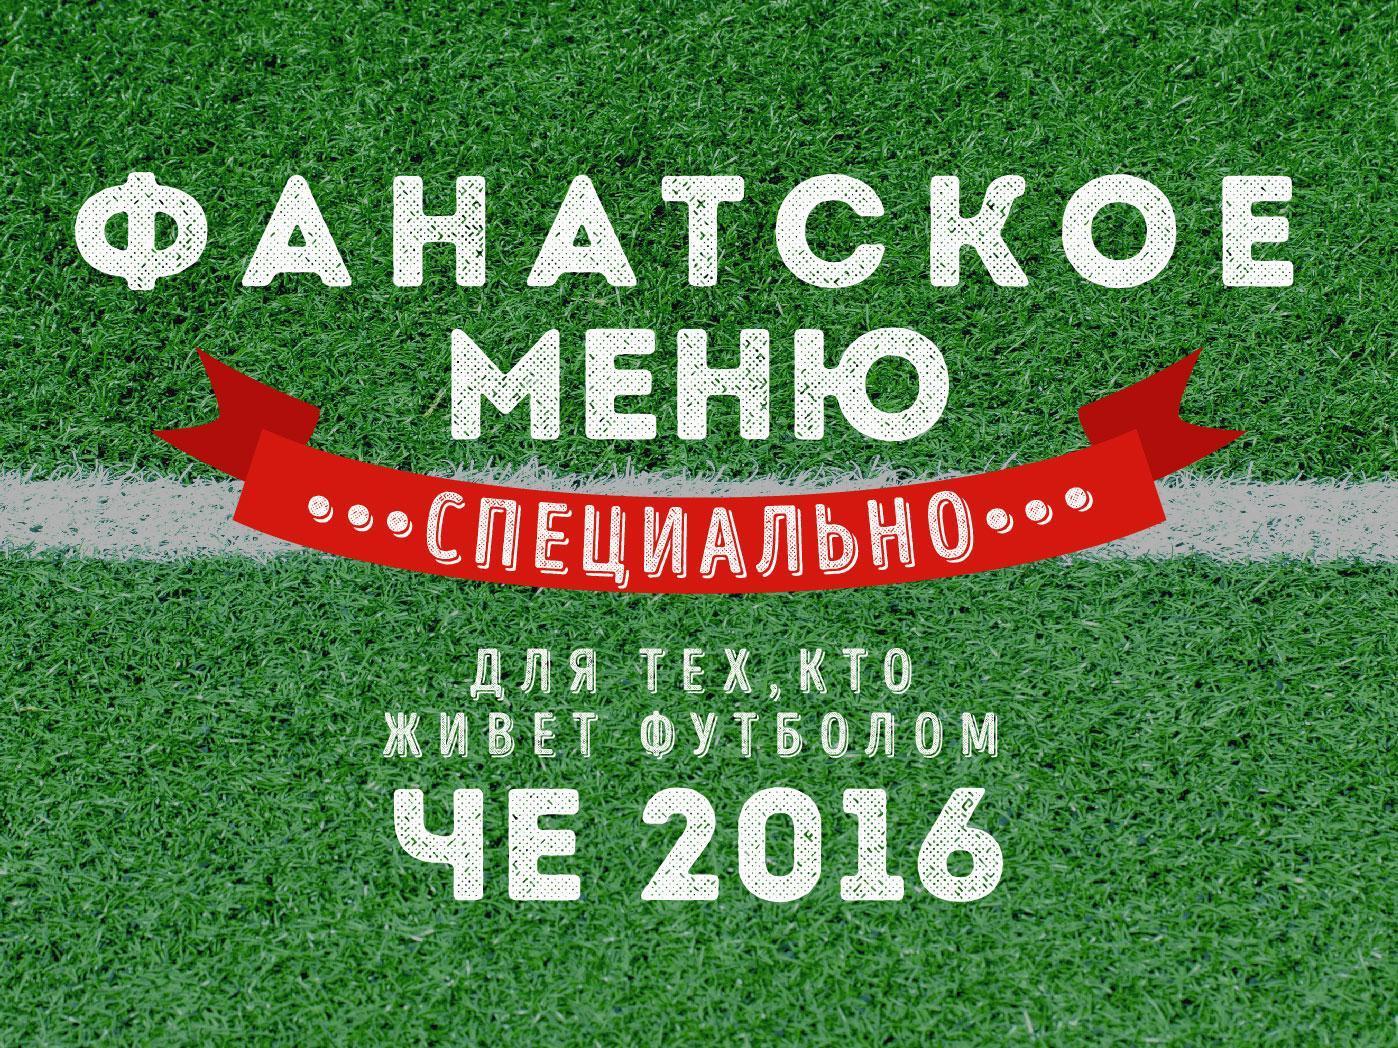 Футбольное меню к ЧЕ-2016!